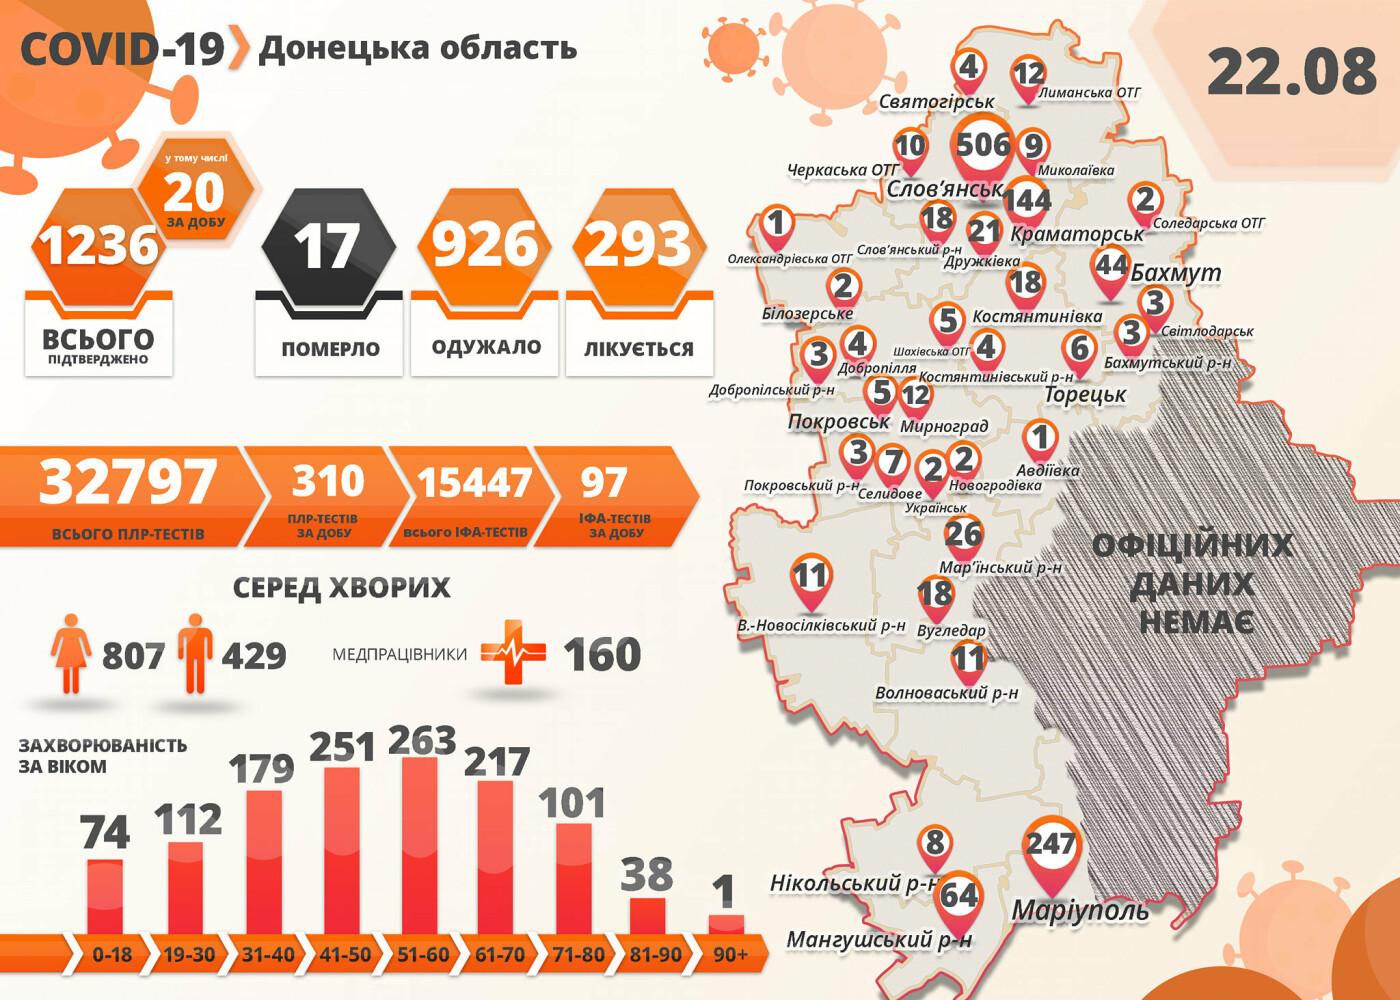 В Донецкой области 20 новых случаев коронавируса, фото-1